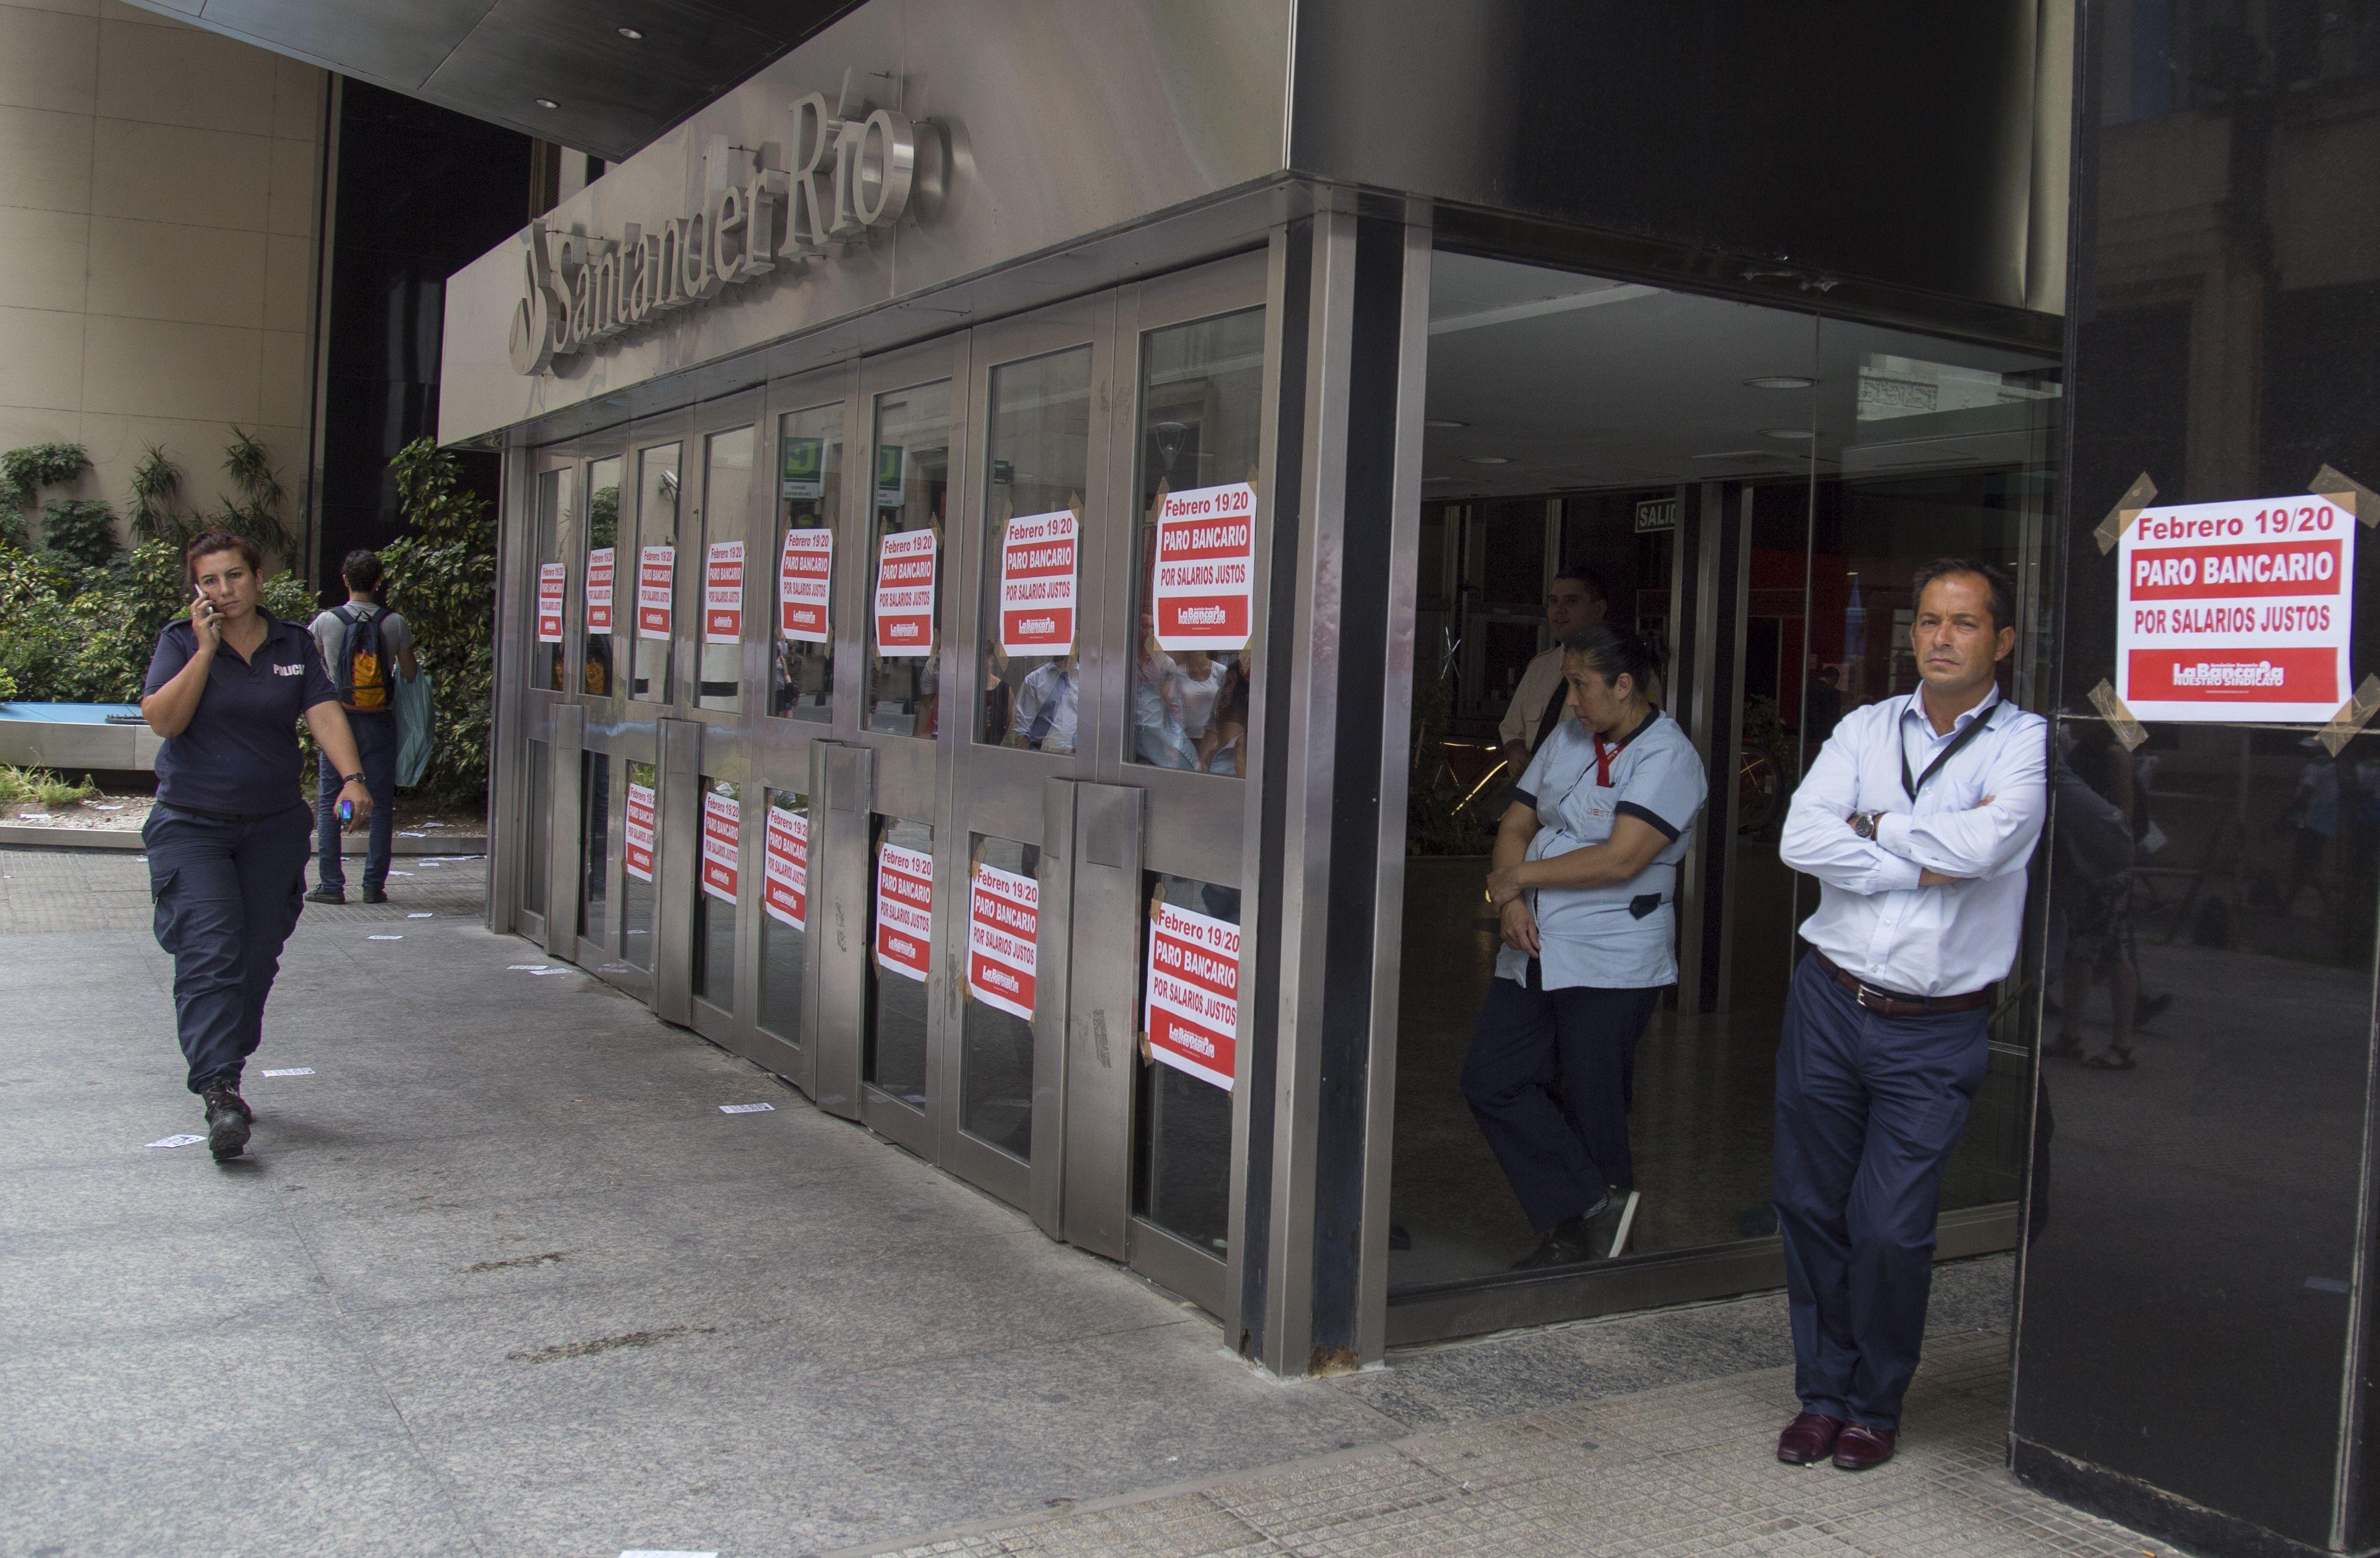 Los bancos amanecieron empapelados con información sobre el paro